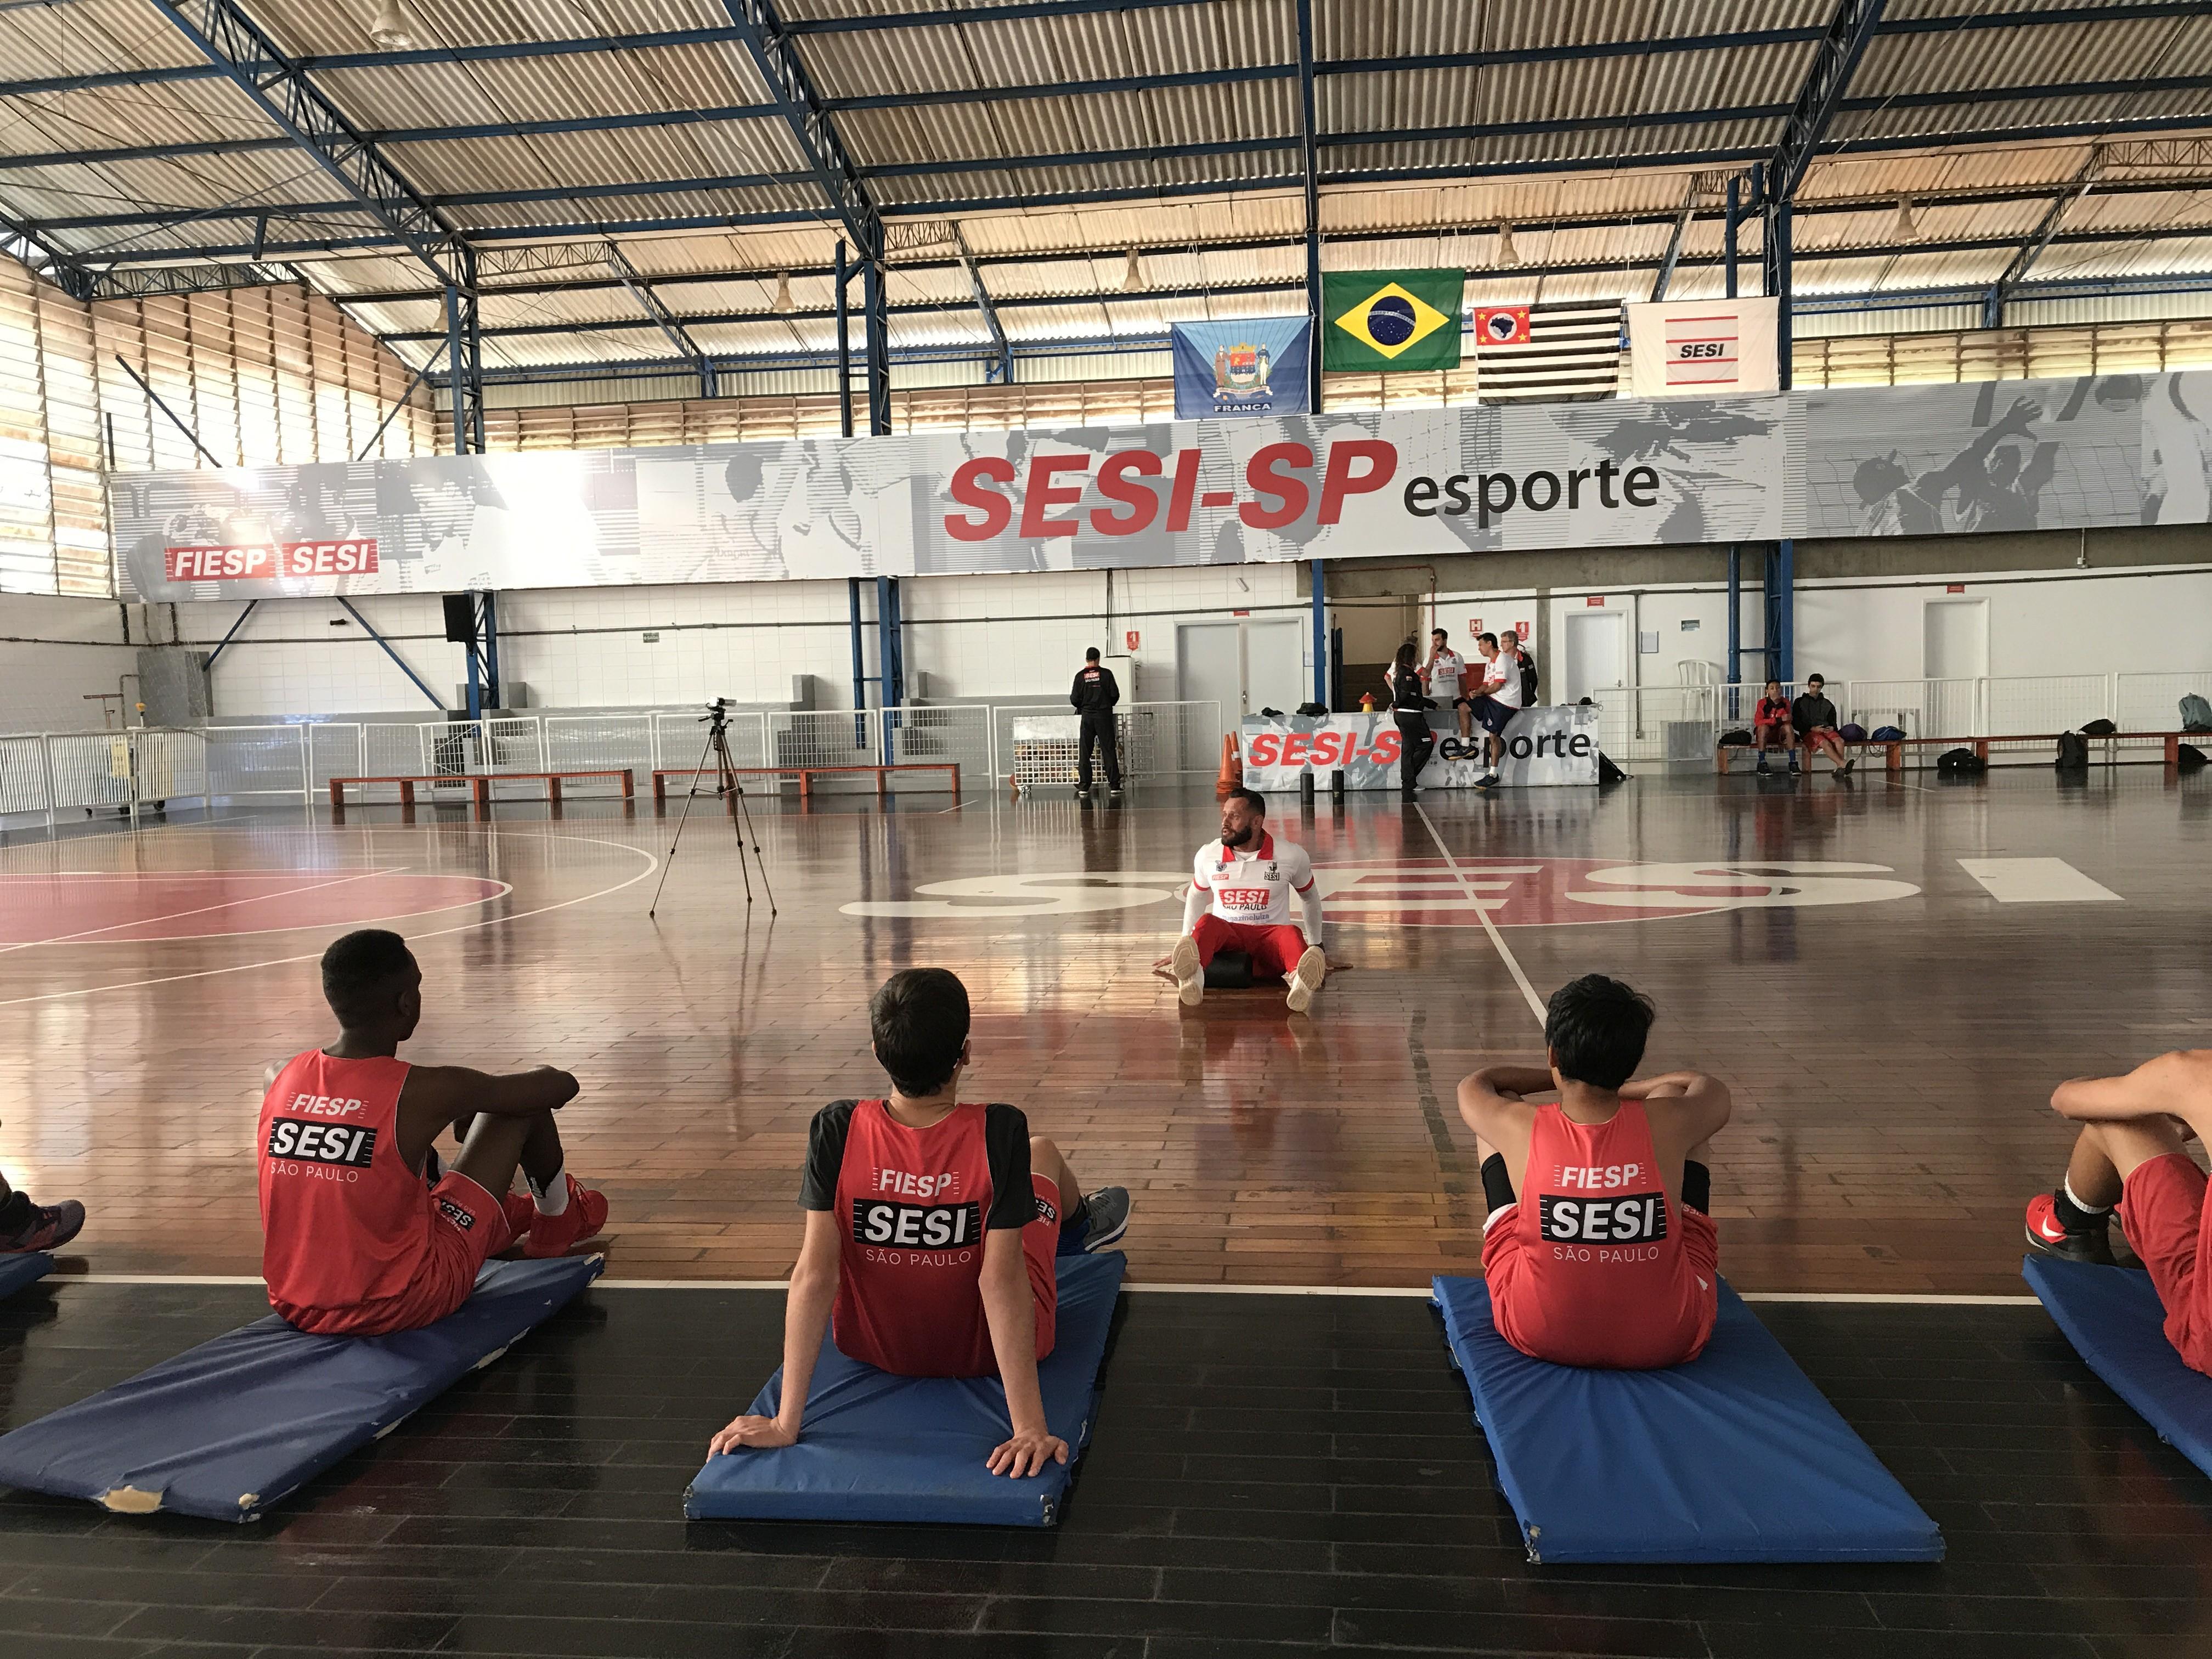 1° Camp SESI-SP de Basquete acontece em Franca com presença de jogadores e técnicos